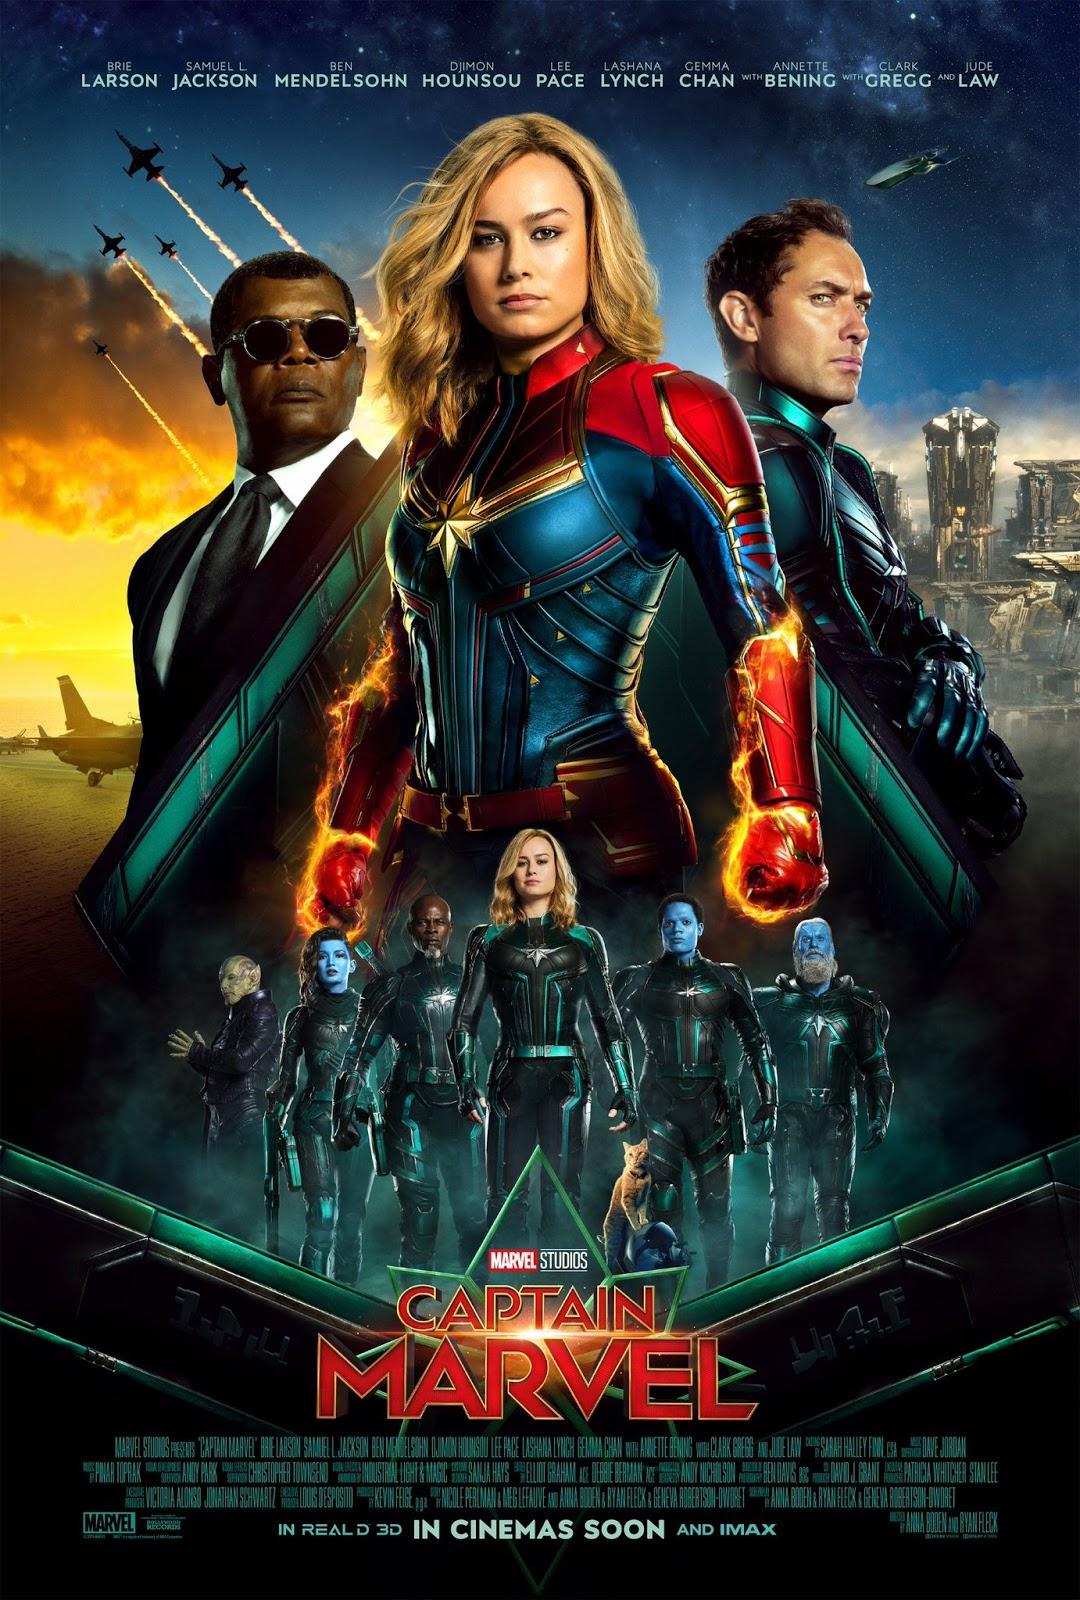 Avengers Endgame 2019 Marvel Movie Thor Art Silk Poster B-117